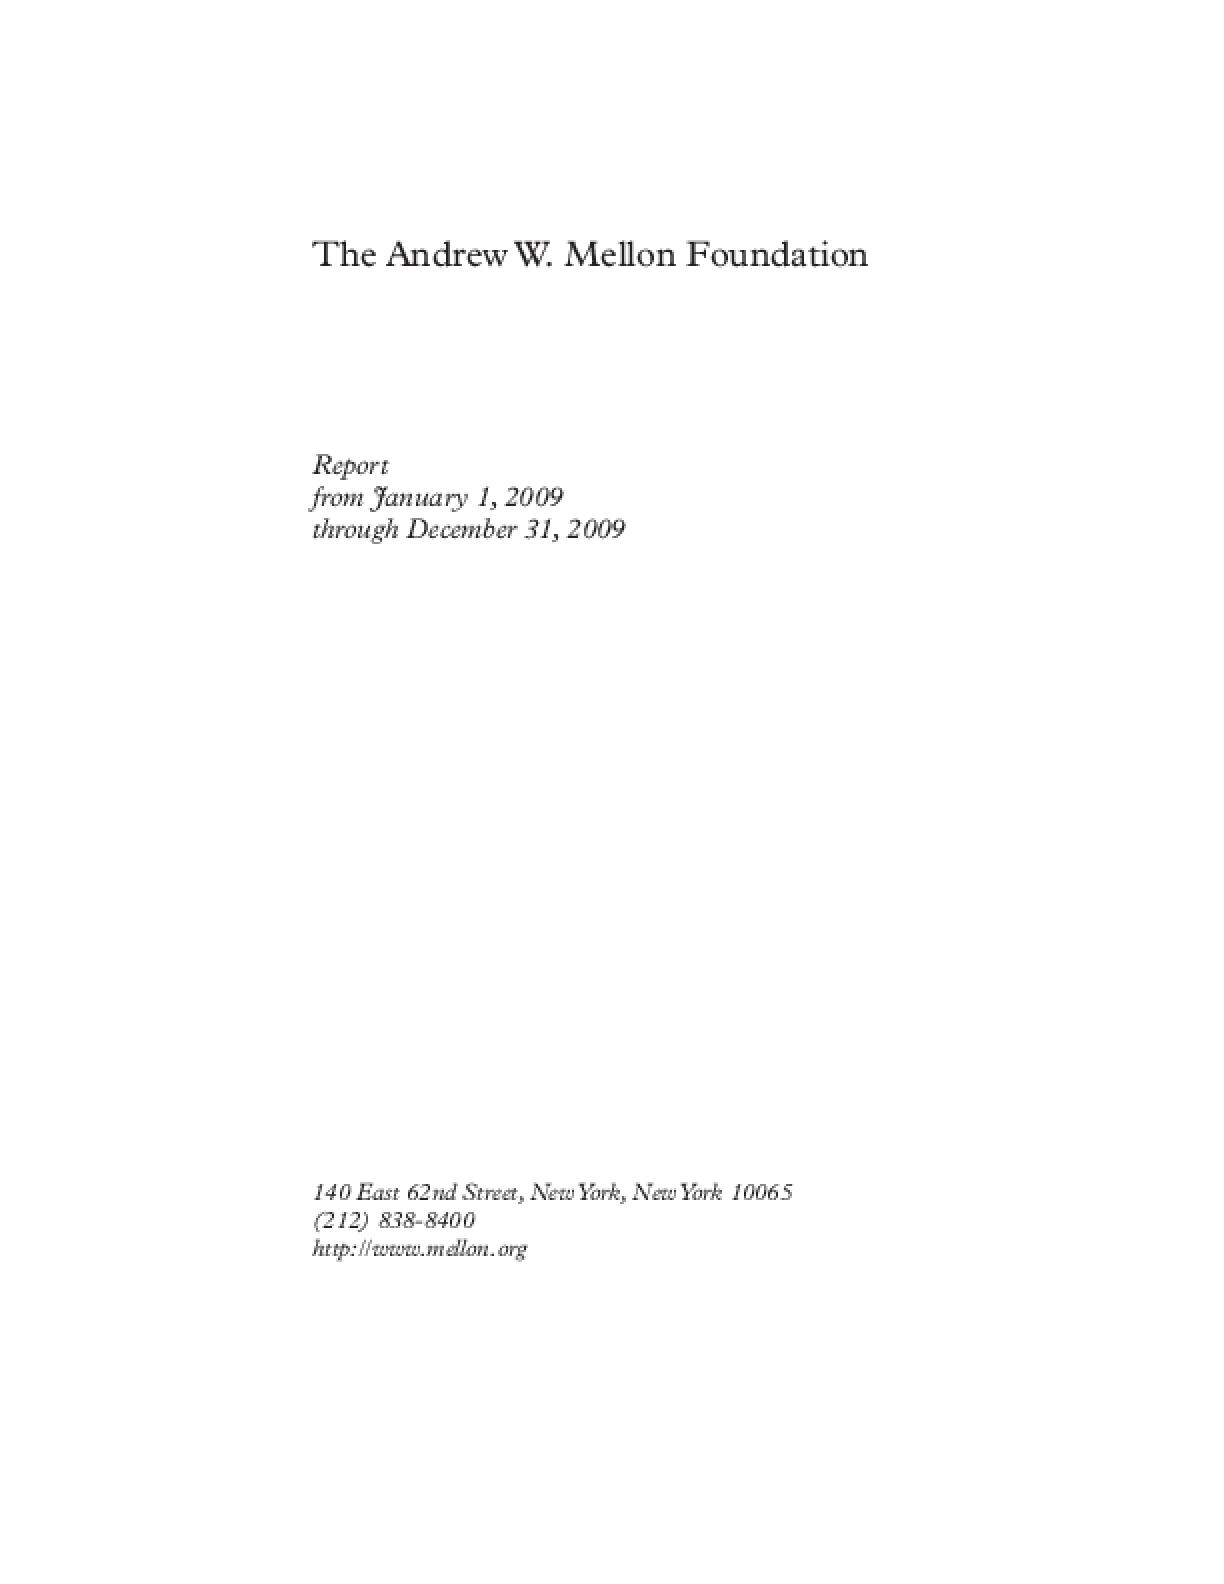 Andrew W. Mellon Foundation - 2009 Annual Report